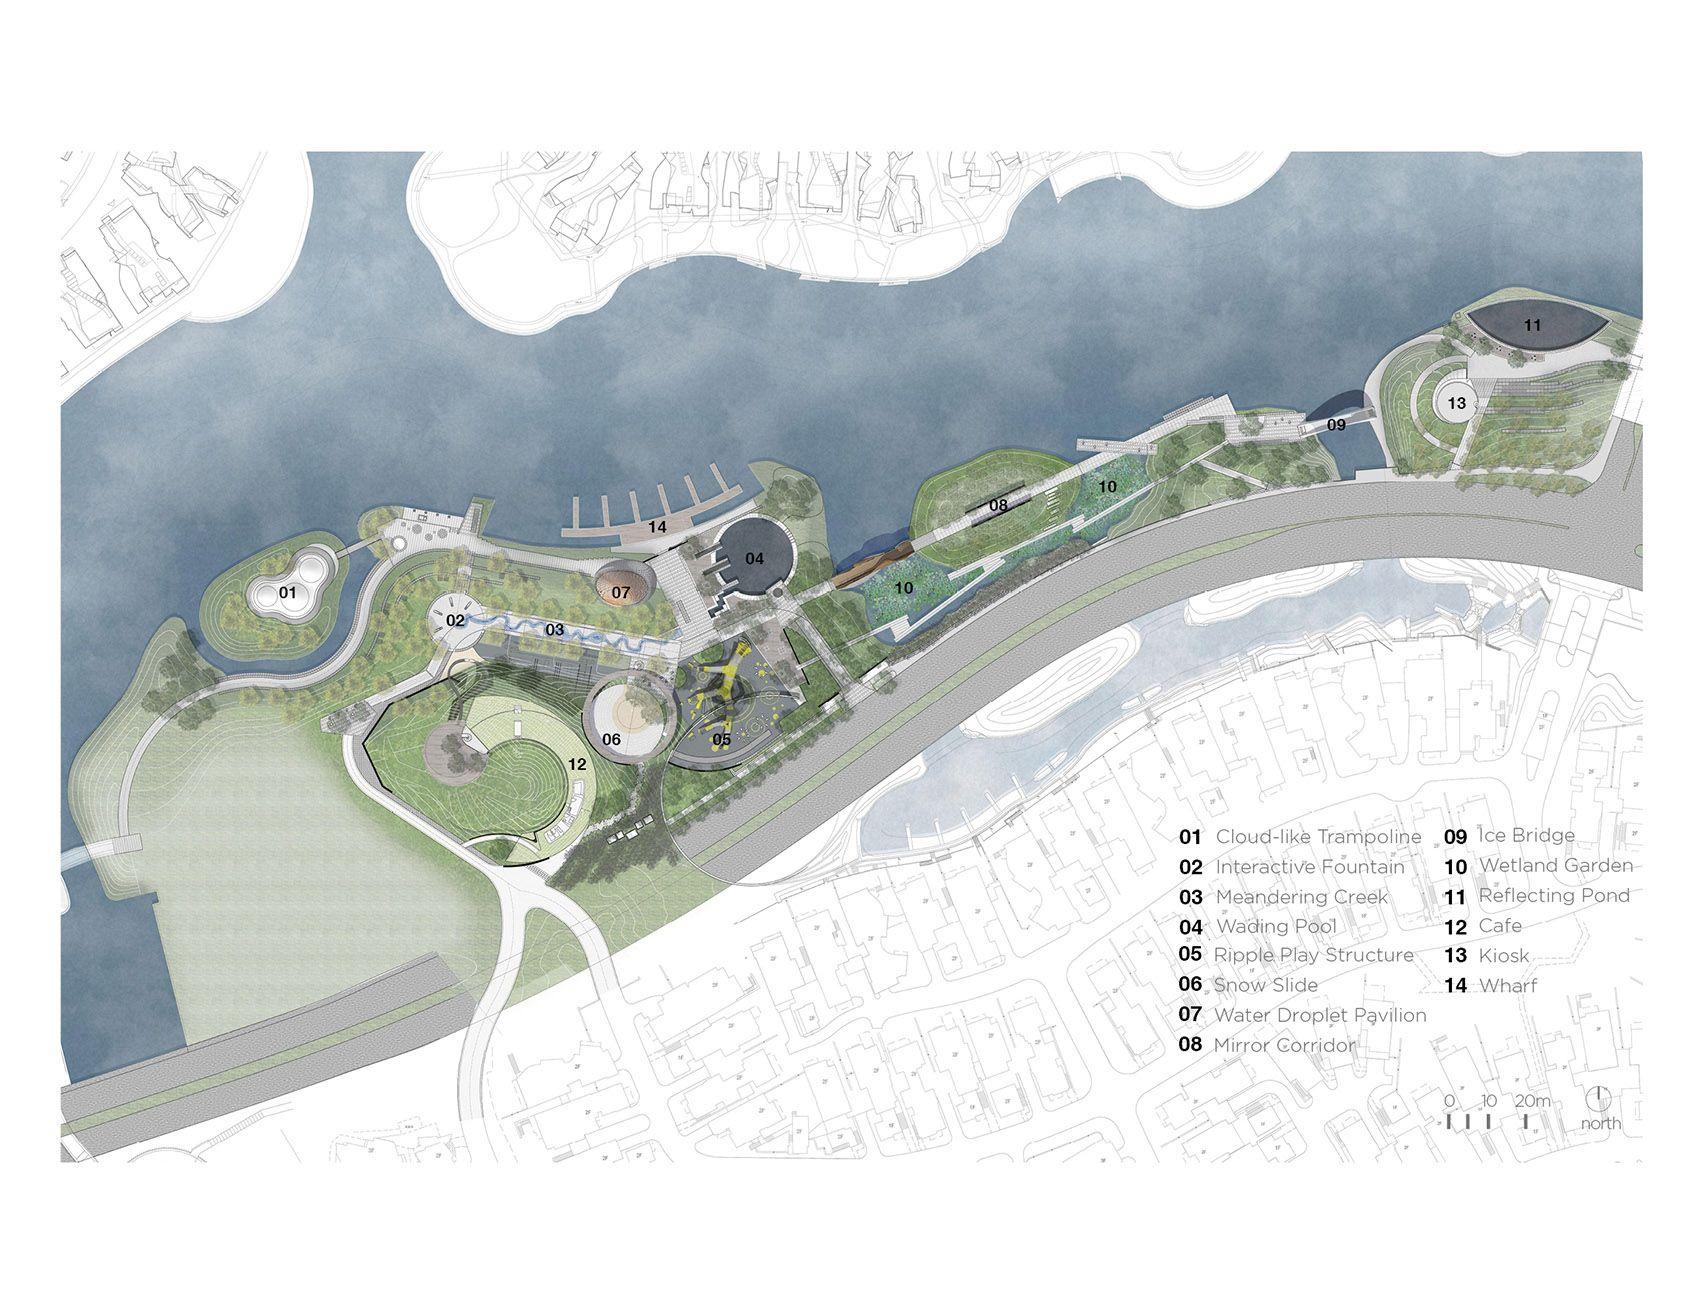 Cloud Paradise Park China By Z T Studio Fun And Educational Water Theme Park Water Theme Park Diagram Architecture Theme Park